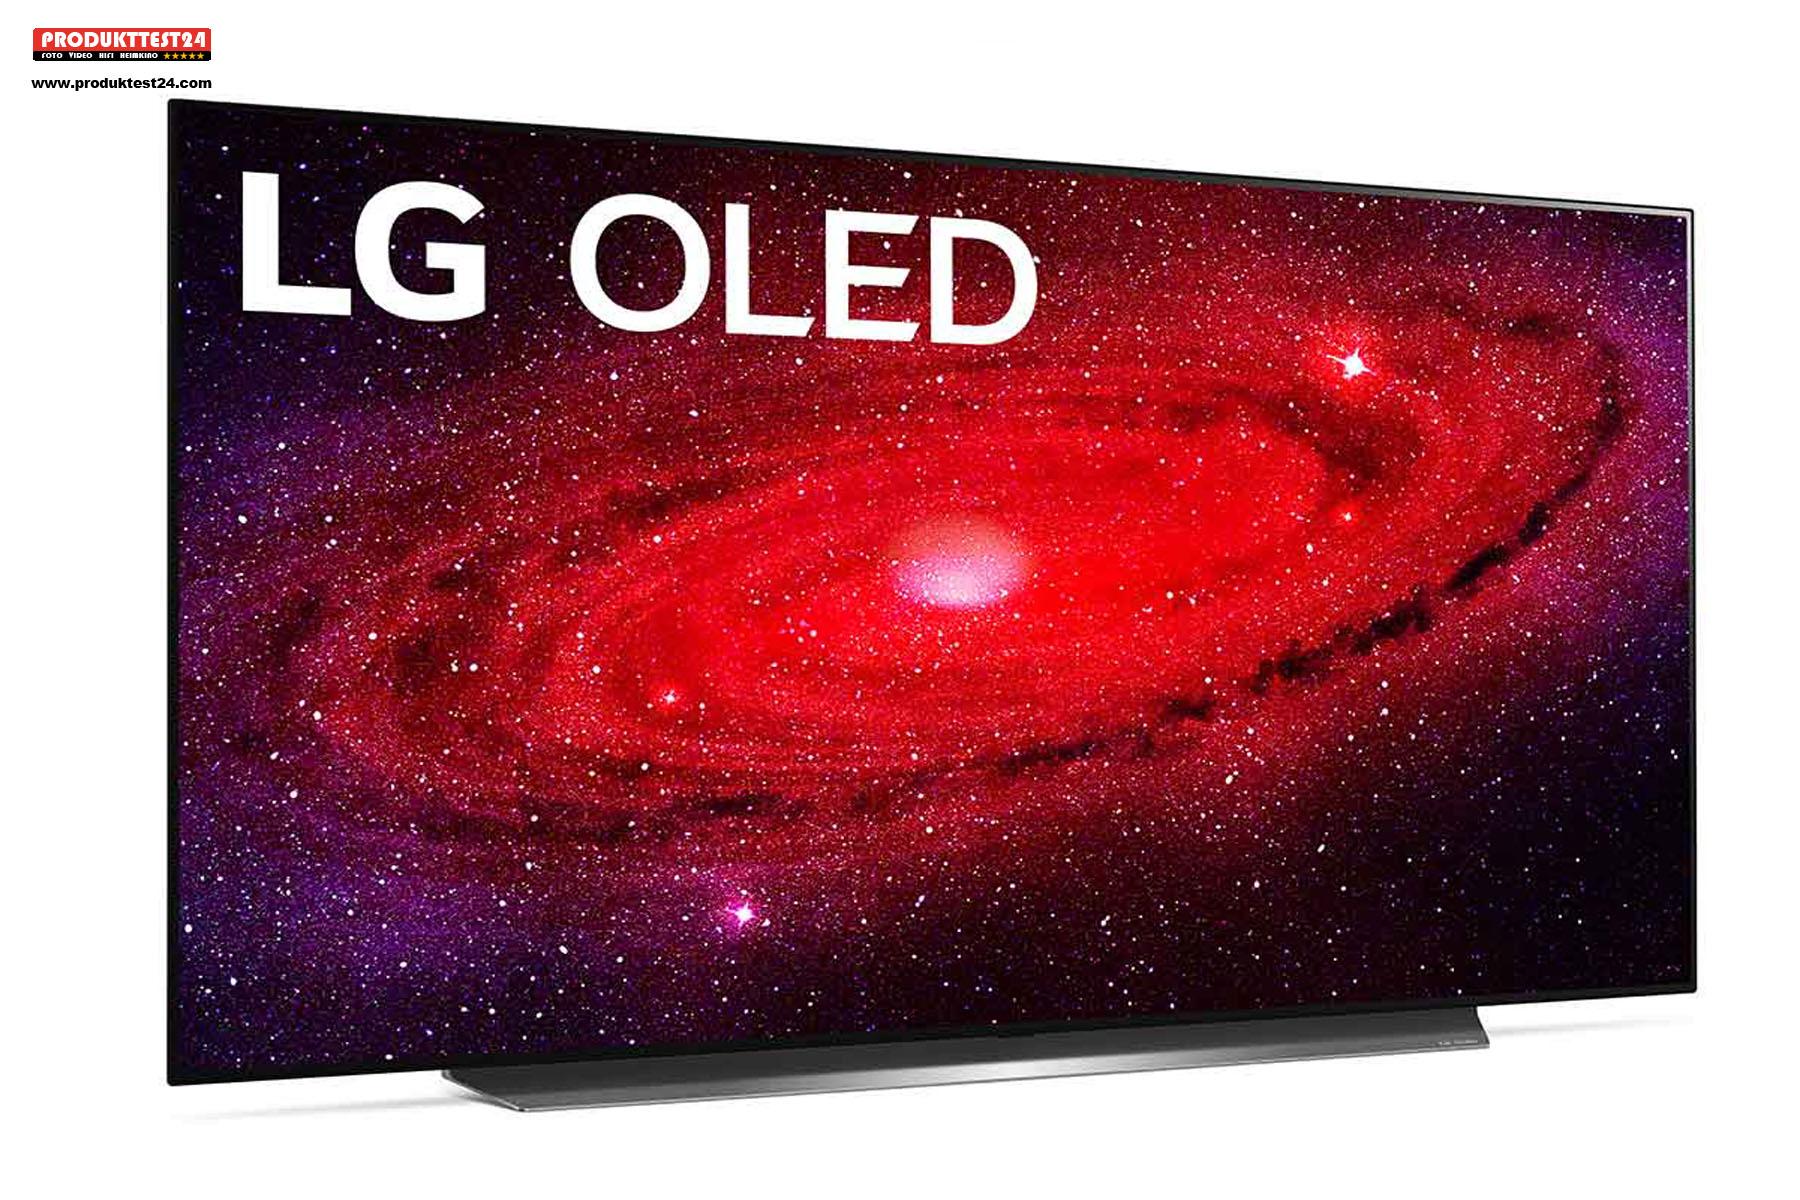 Der 65 Zoll große LG OLED 4K-Fernseher LG OLED65CX9LA